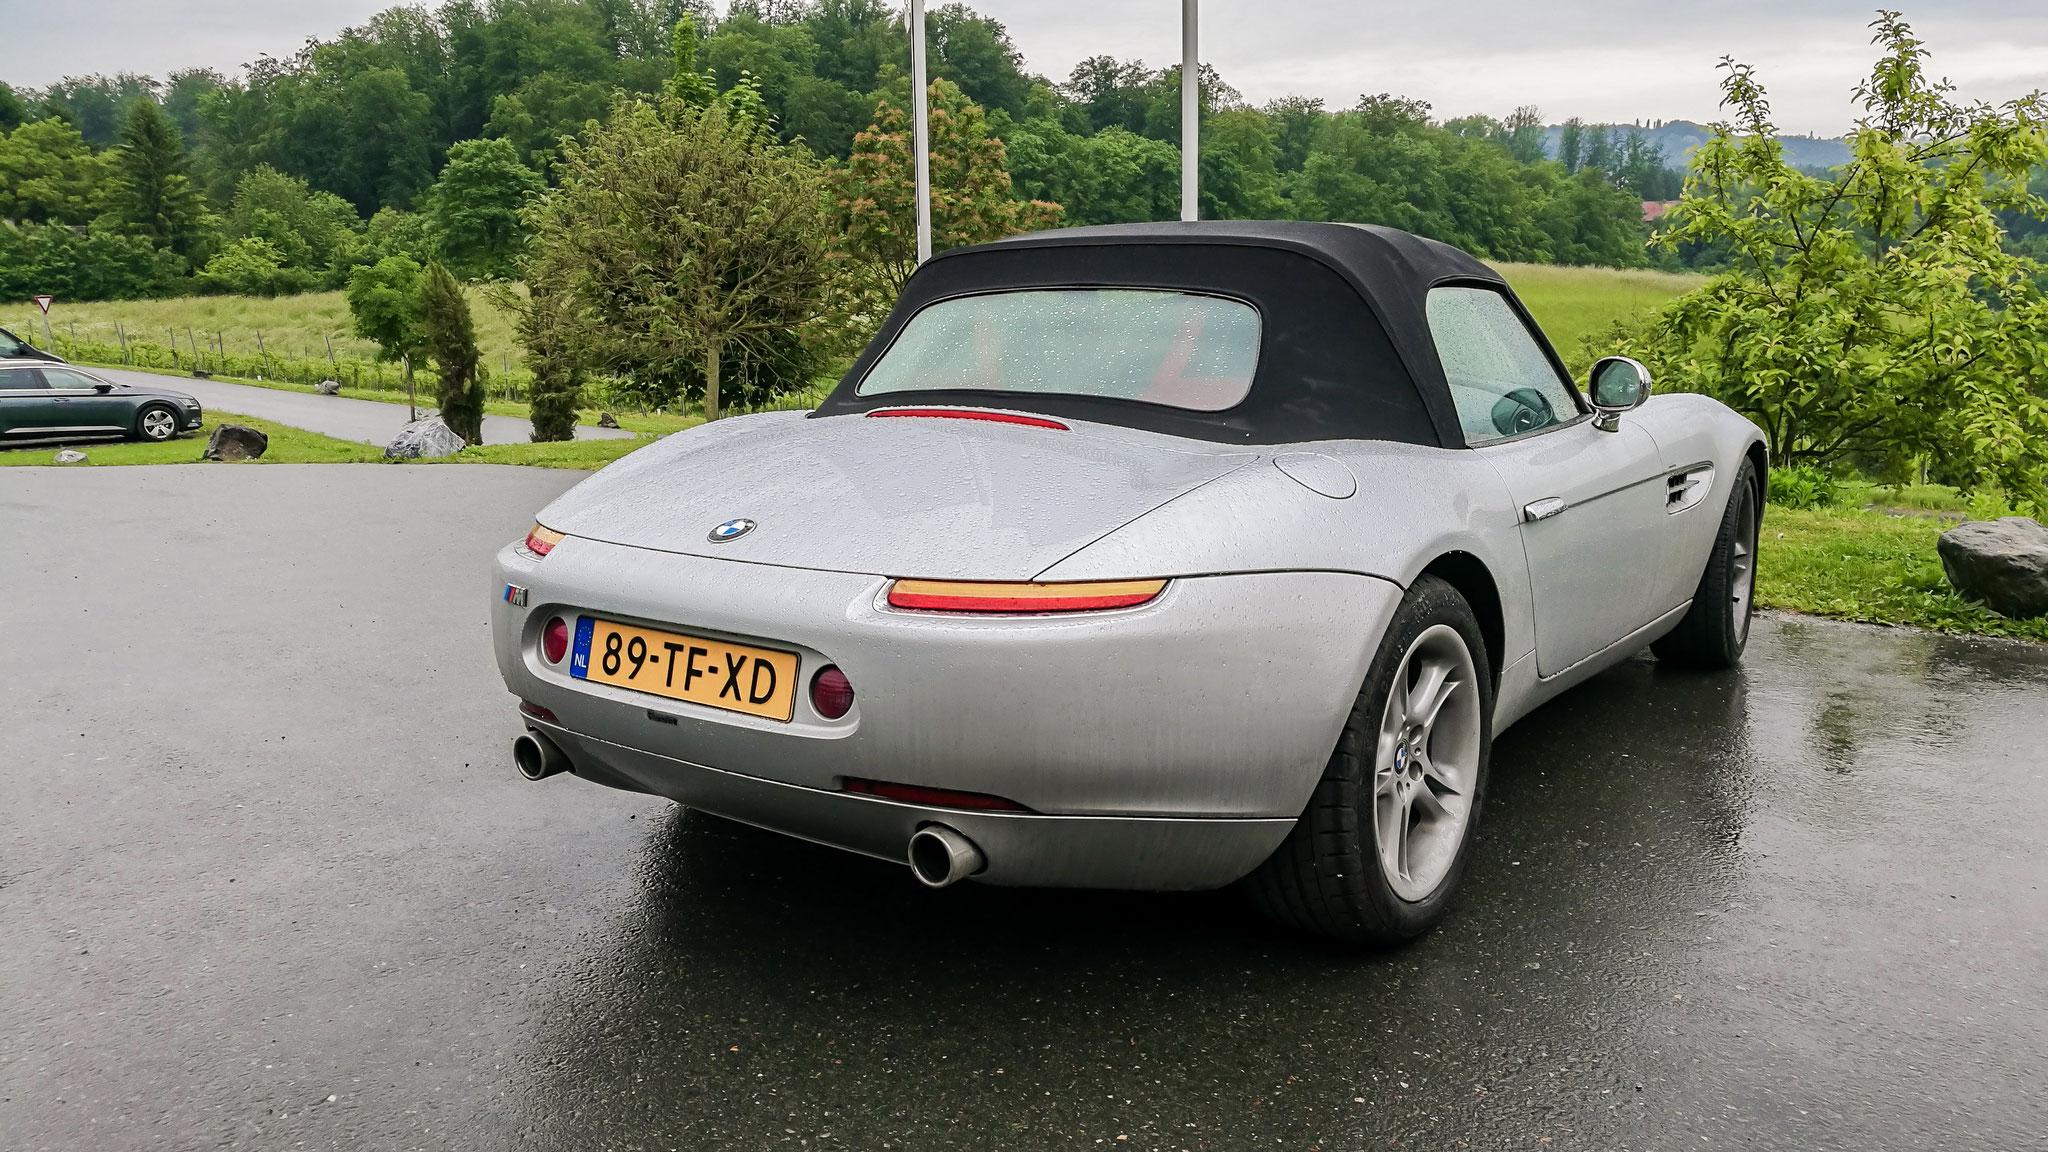 BMW Z8 - 89-TF-XD (NL)